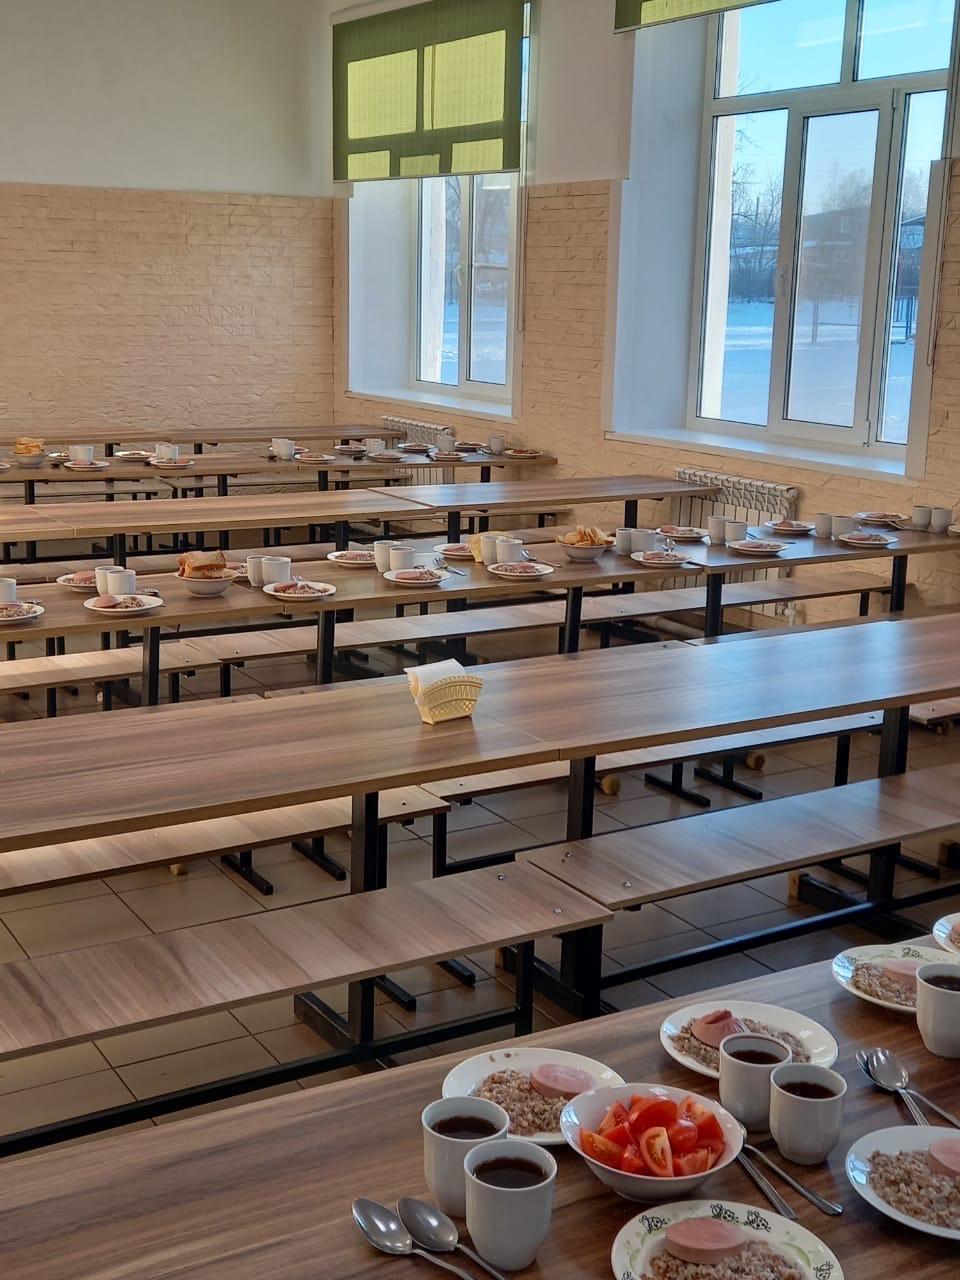 В школах города Можги продолжается контроль «горячего питания».